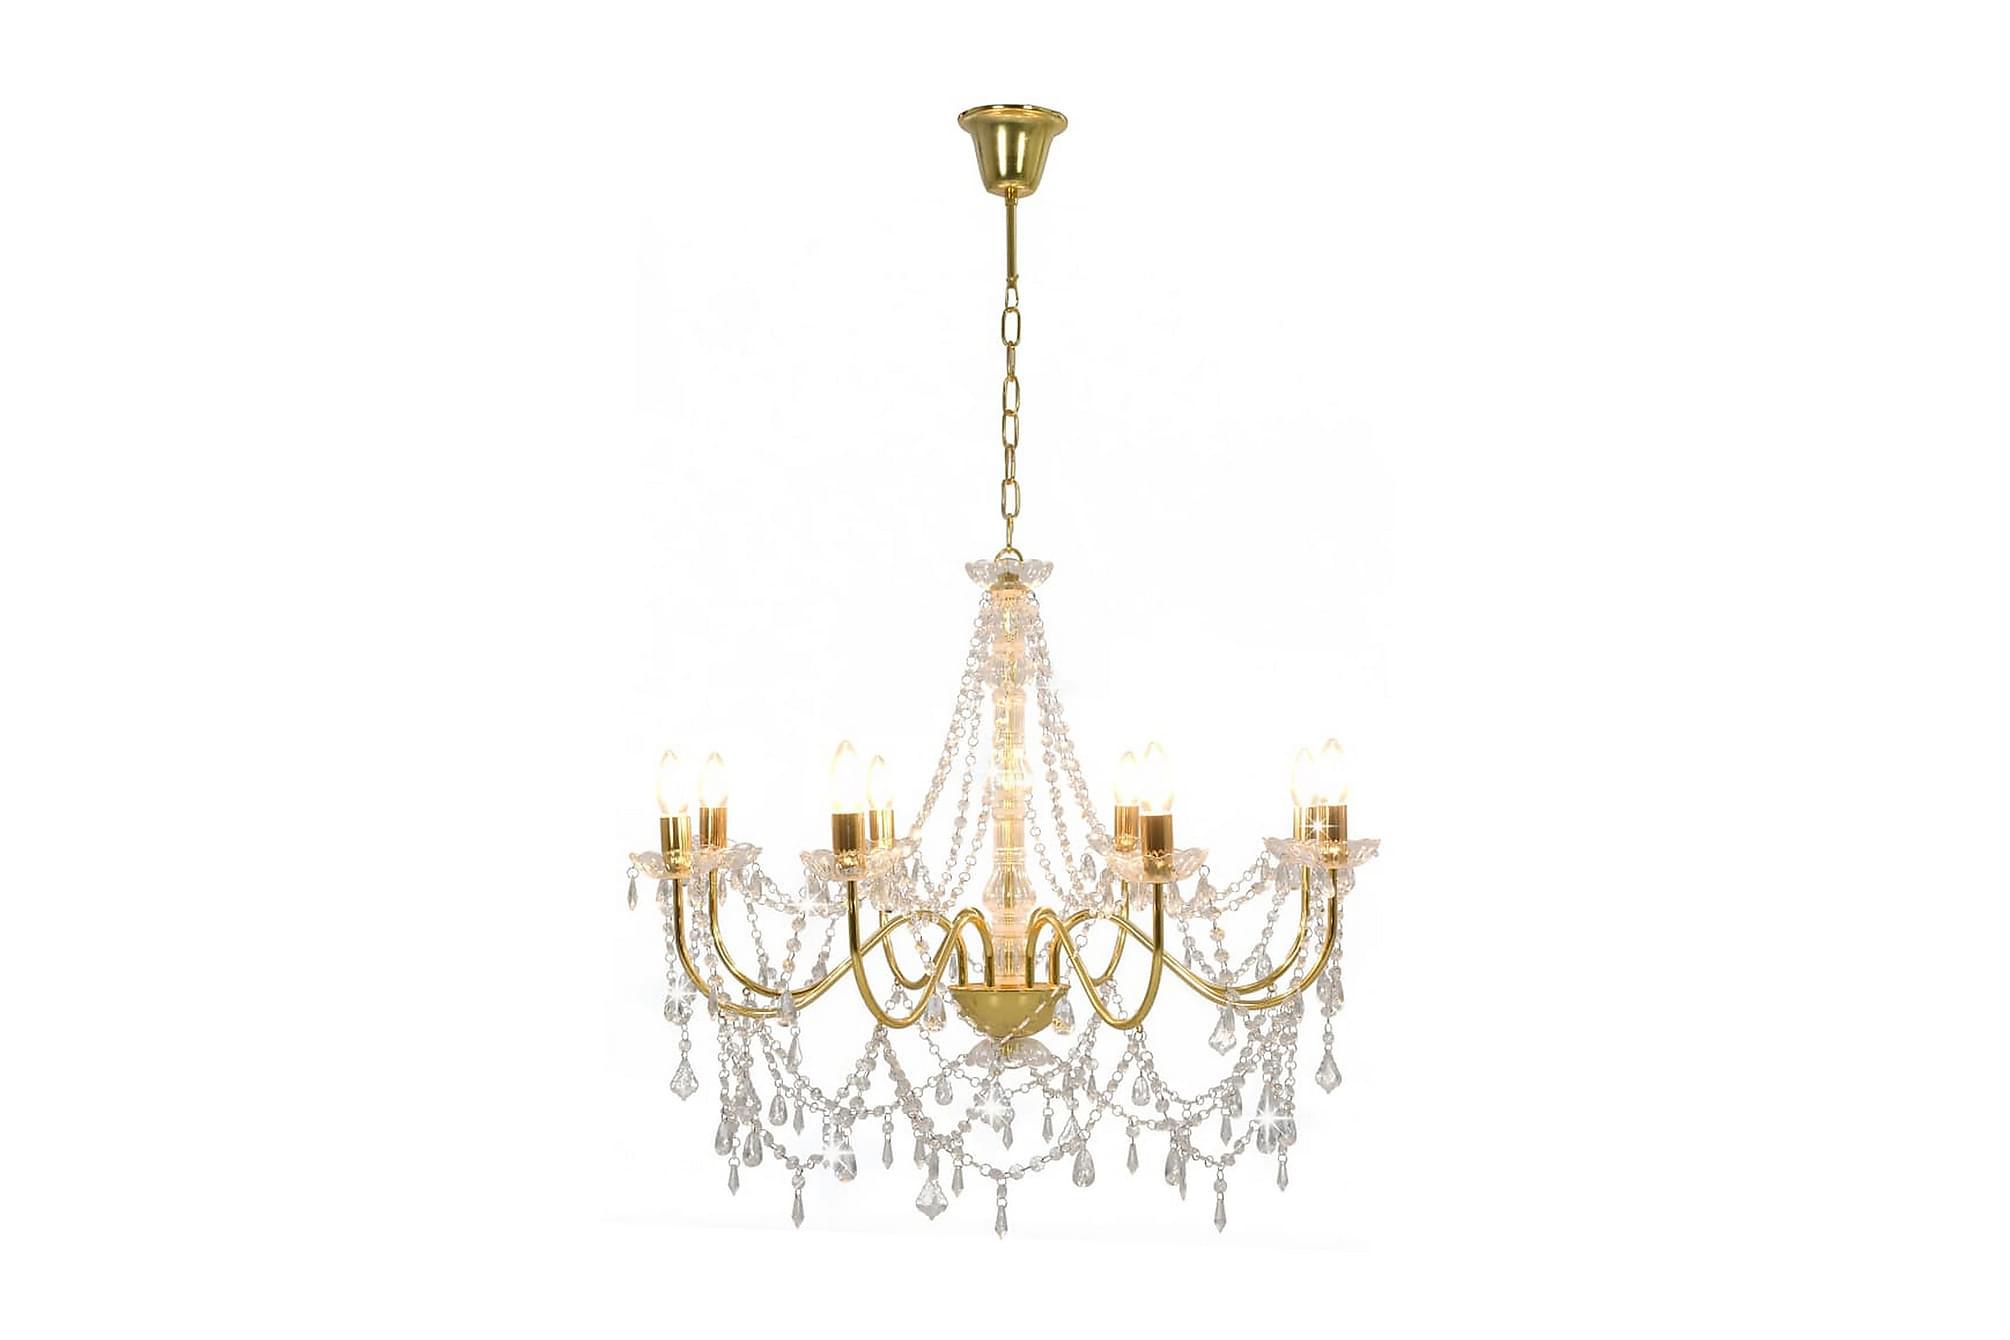 Takkrona med pärlor guld 8 x E14-glödlampor, Taklampor